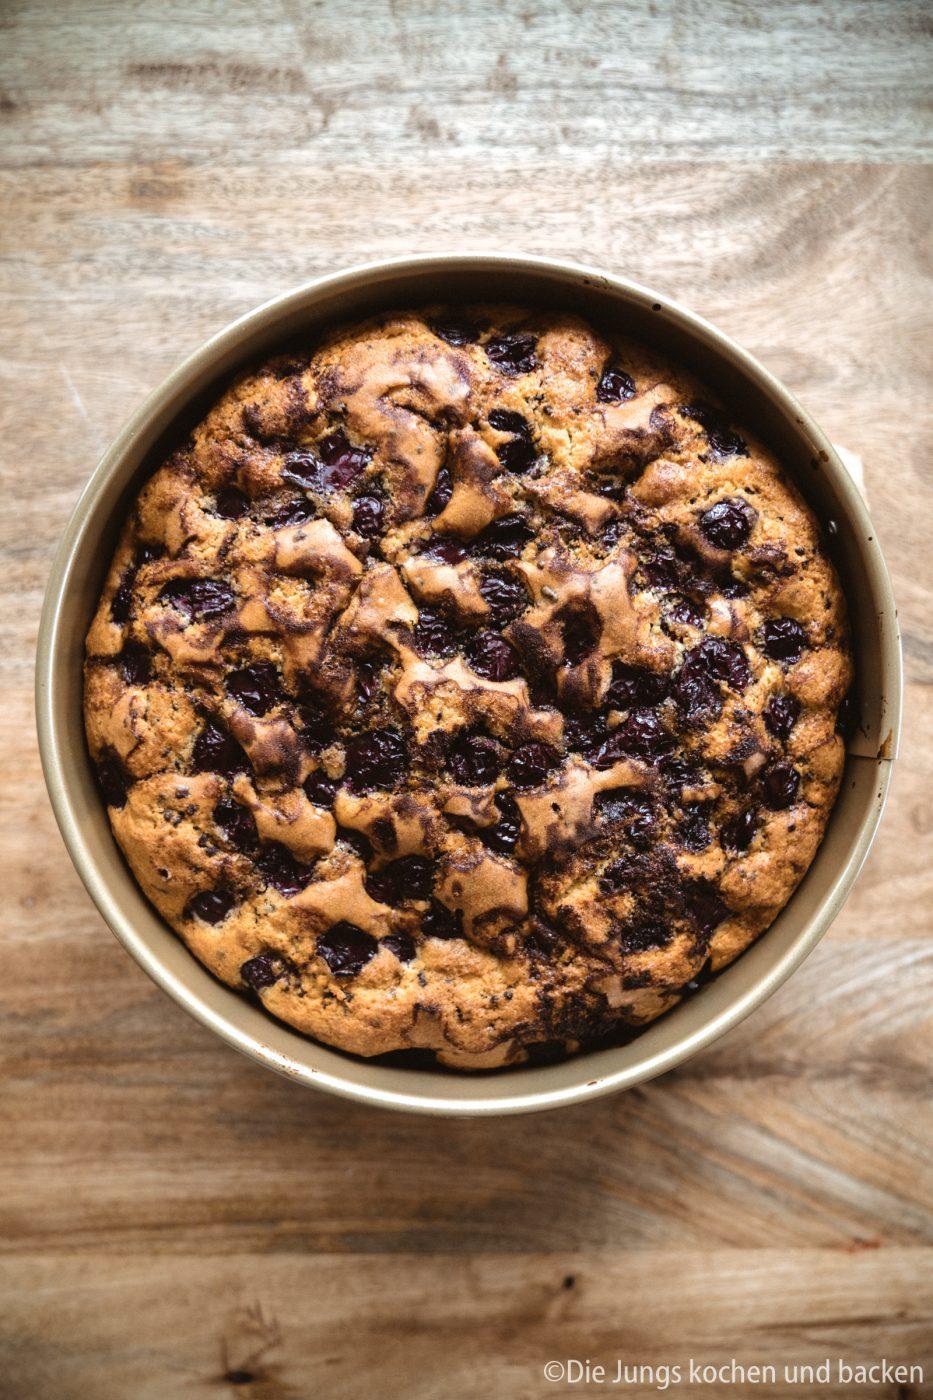 Versenkter Kirschkuchen 1 | Keine Ahnung, wie das bei euch ist?! Bei mir gibt es einfach diese Kuchen-Jieper - dann muss ein leckeres Stück Kuchen her! Scheinbar liegt das bei mir in der Familie, daher haben wir ein tolles und super simples Familienrezept für einen versenkten Kirschkuchen für euch. Denn ein saftig, fruchtiger und schokoladiger Kuchen ist doch eine dieser Sachen, denen niemand widerstehen kann, oder!